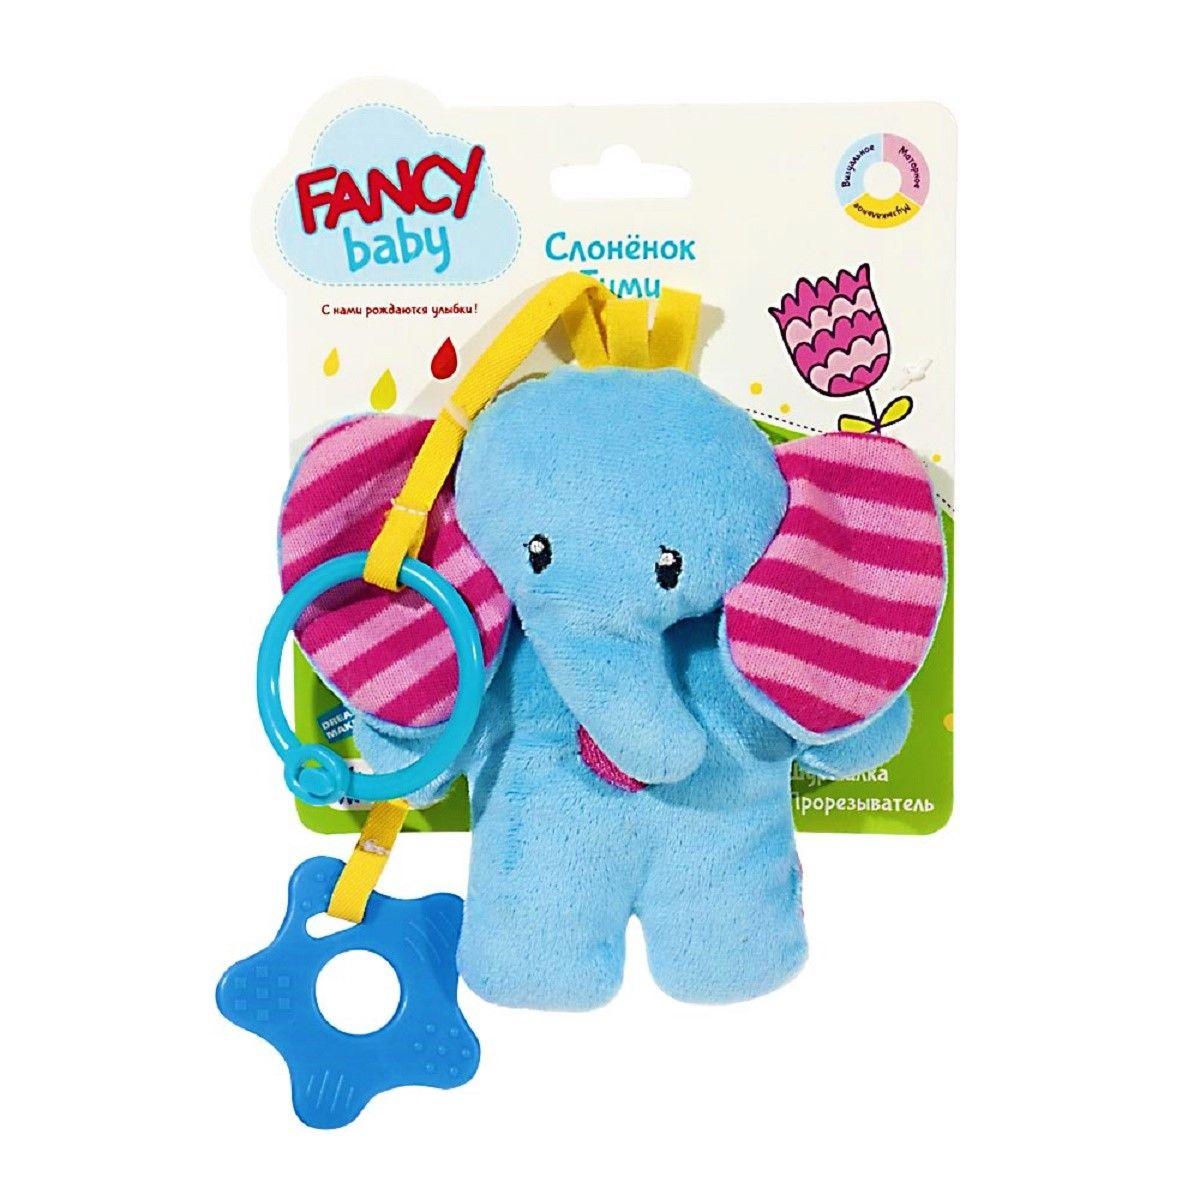 Fancy Развивающая игрушка Слоненок Тими игрушка